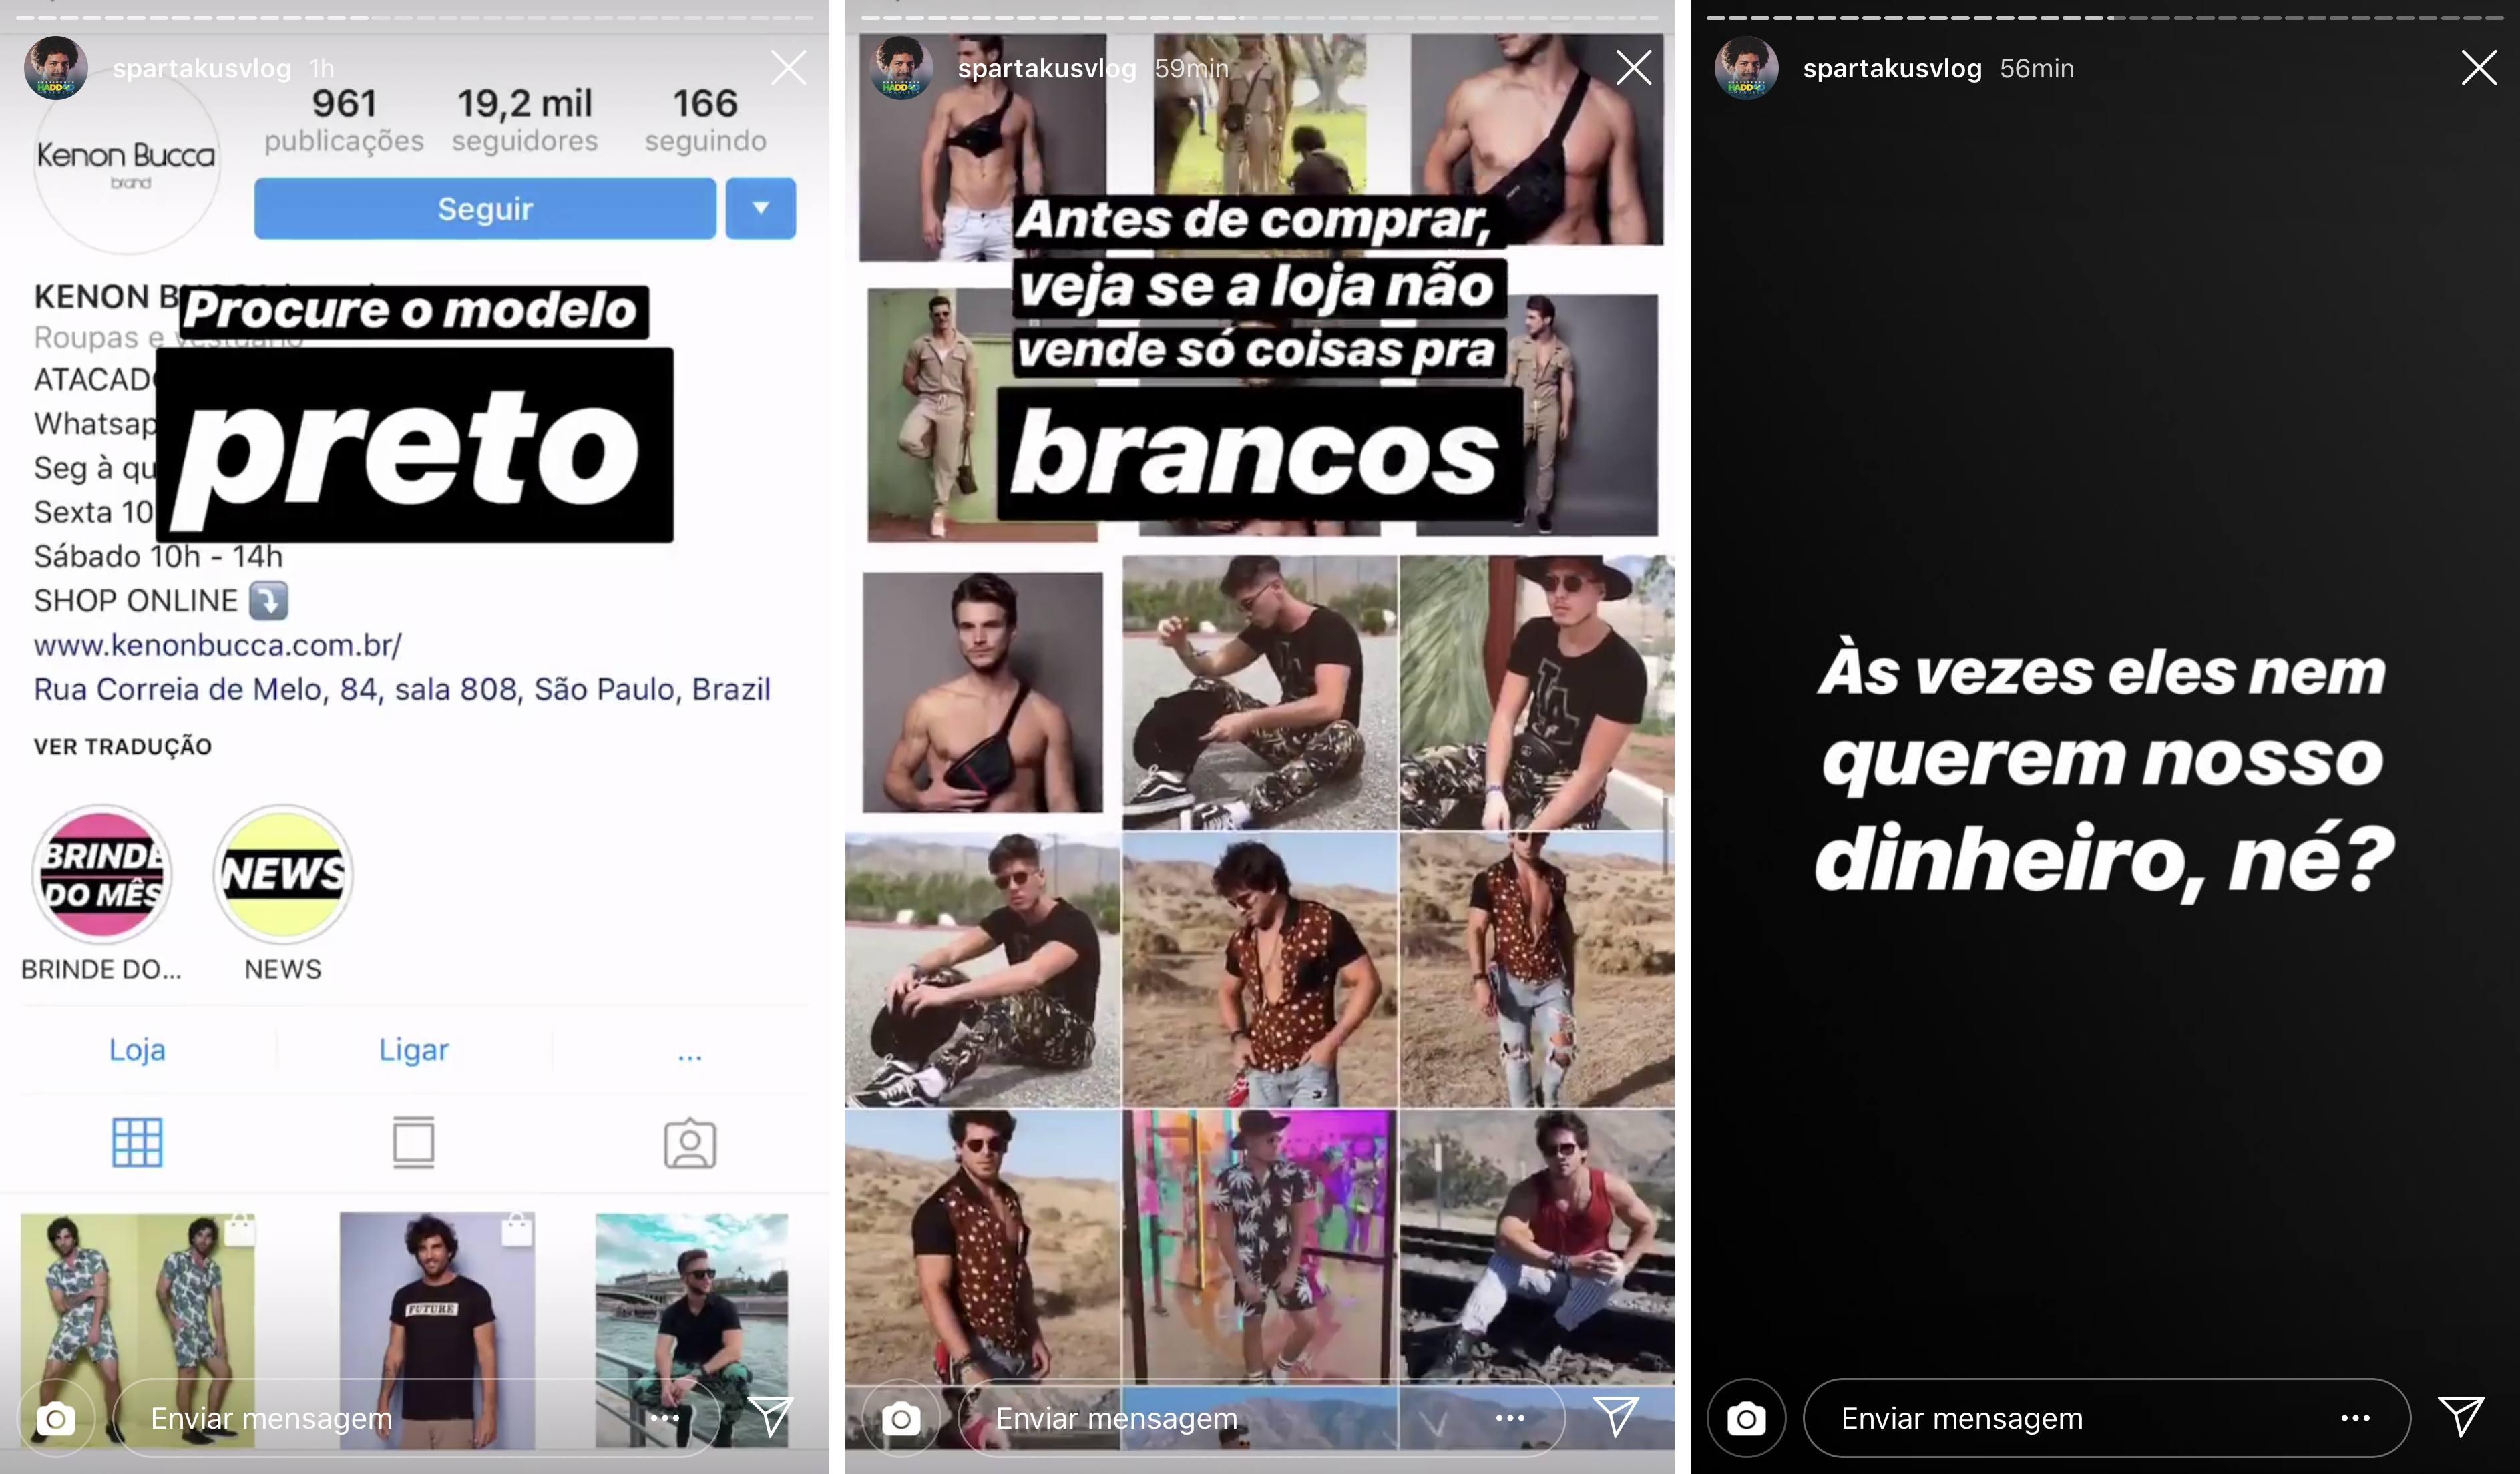 Spartakus Vlog - Instagram, https://www.instagram.com/spartakusvlog/?hl=pt-br